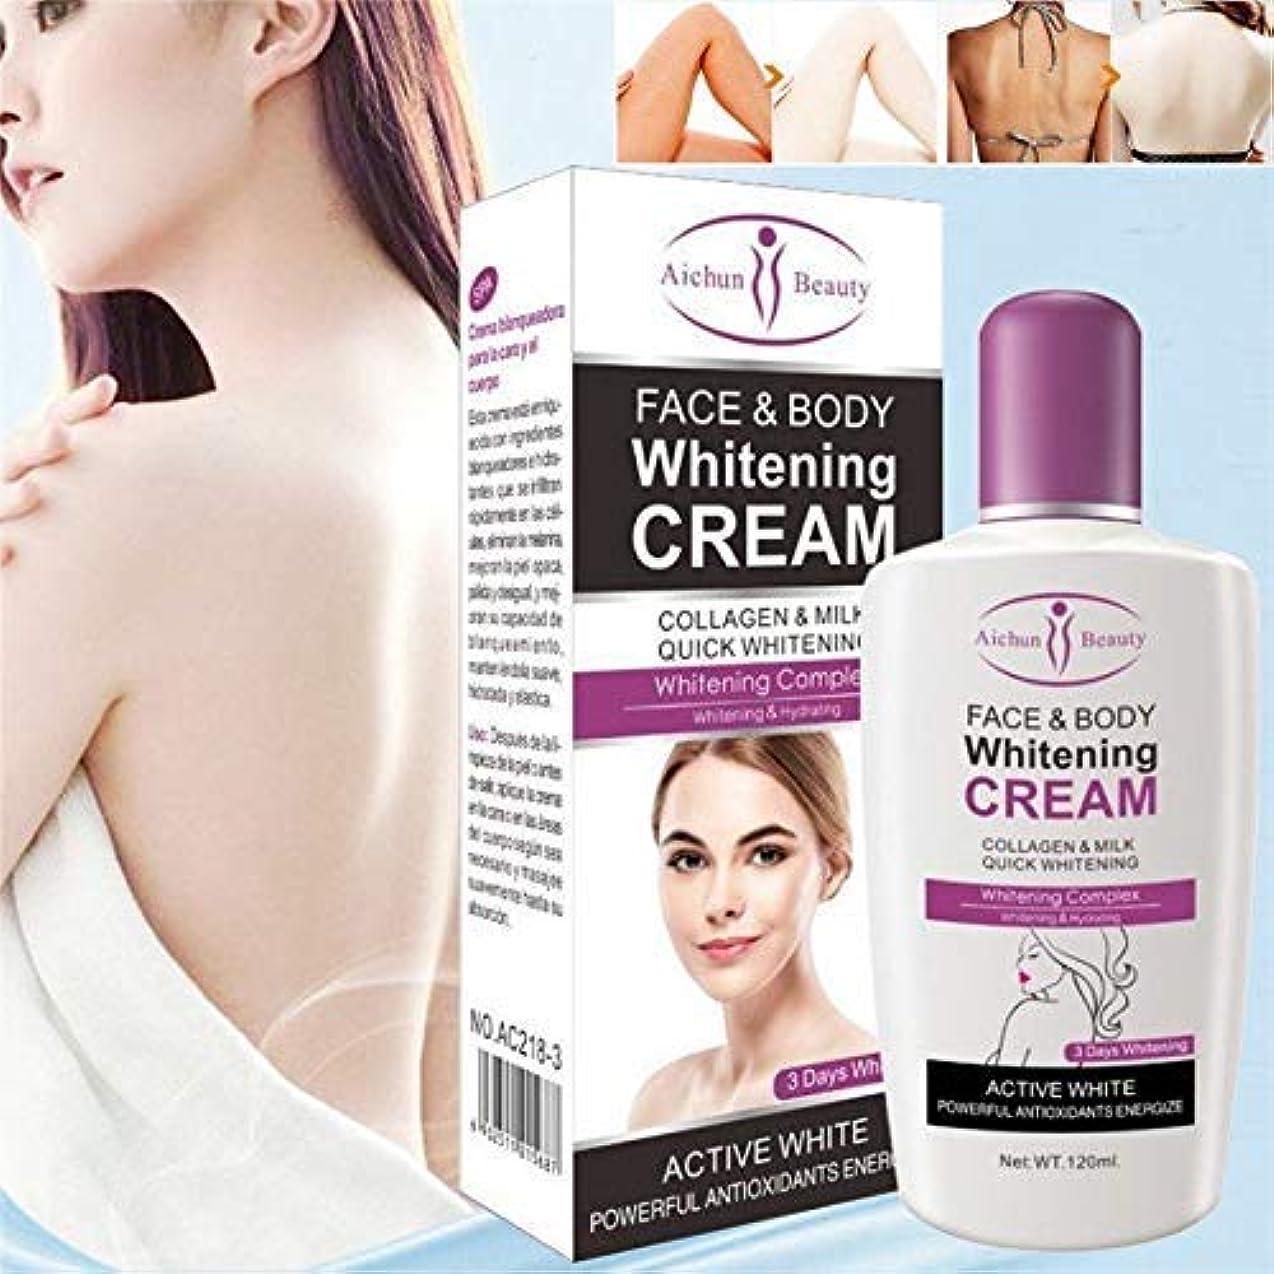 長さ荒涼とした器用(最高の価格と品質)3個Aichunブリーチングブライトニングボディローションホワイトニングクリームボディクリームダークスキン用プライベートパーツフォーミュラ脇ホワイトナー120ml (Best price and Quality) 3 Pieces Aichun Bleaching Brightening Body Lotion Whitening Cream Body Cream for Dark Skin Private Parts Formula Armpit Whitener 120Ml (3 Pieces)